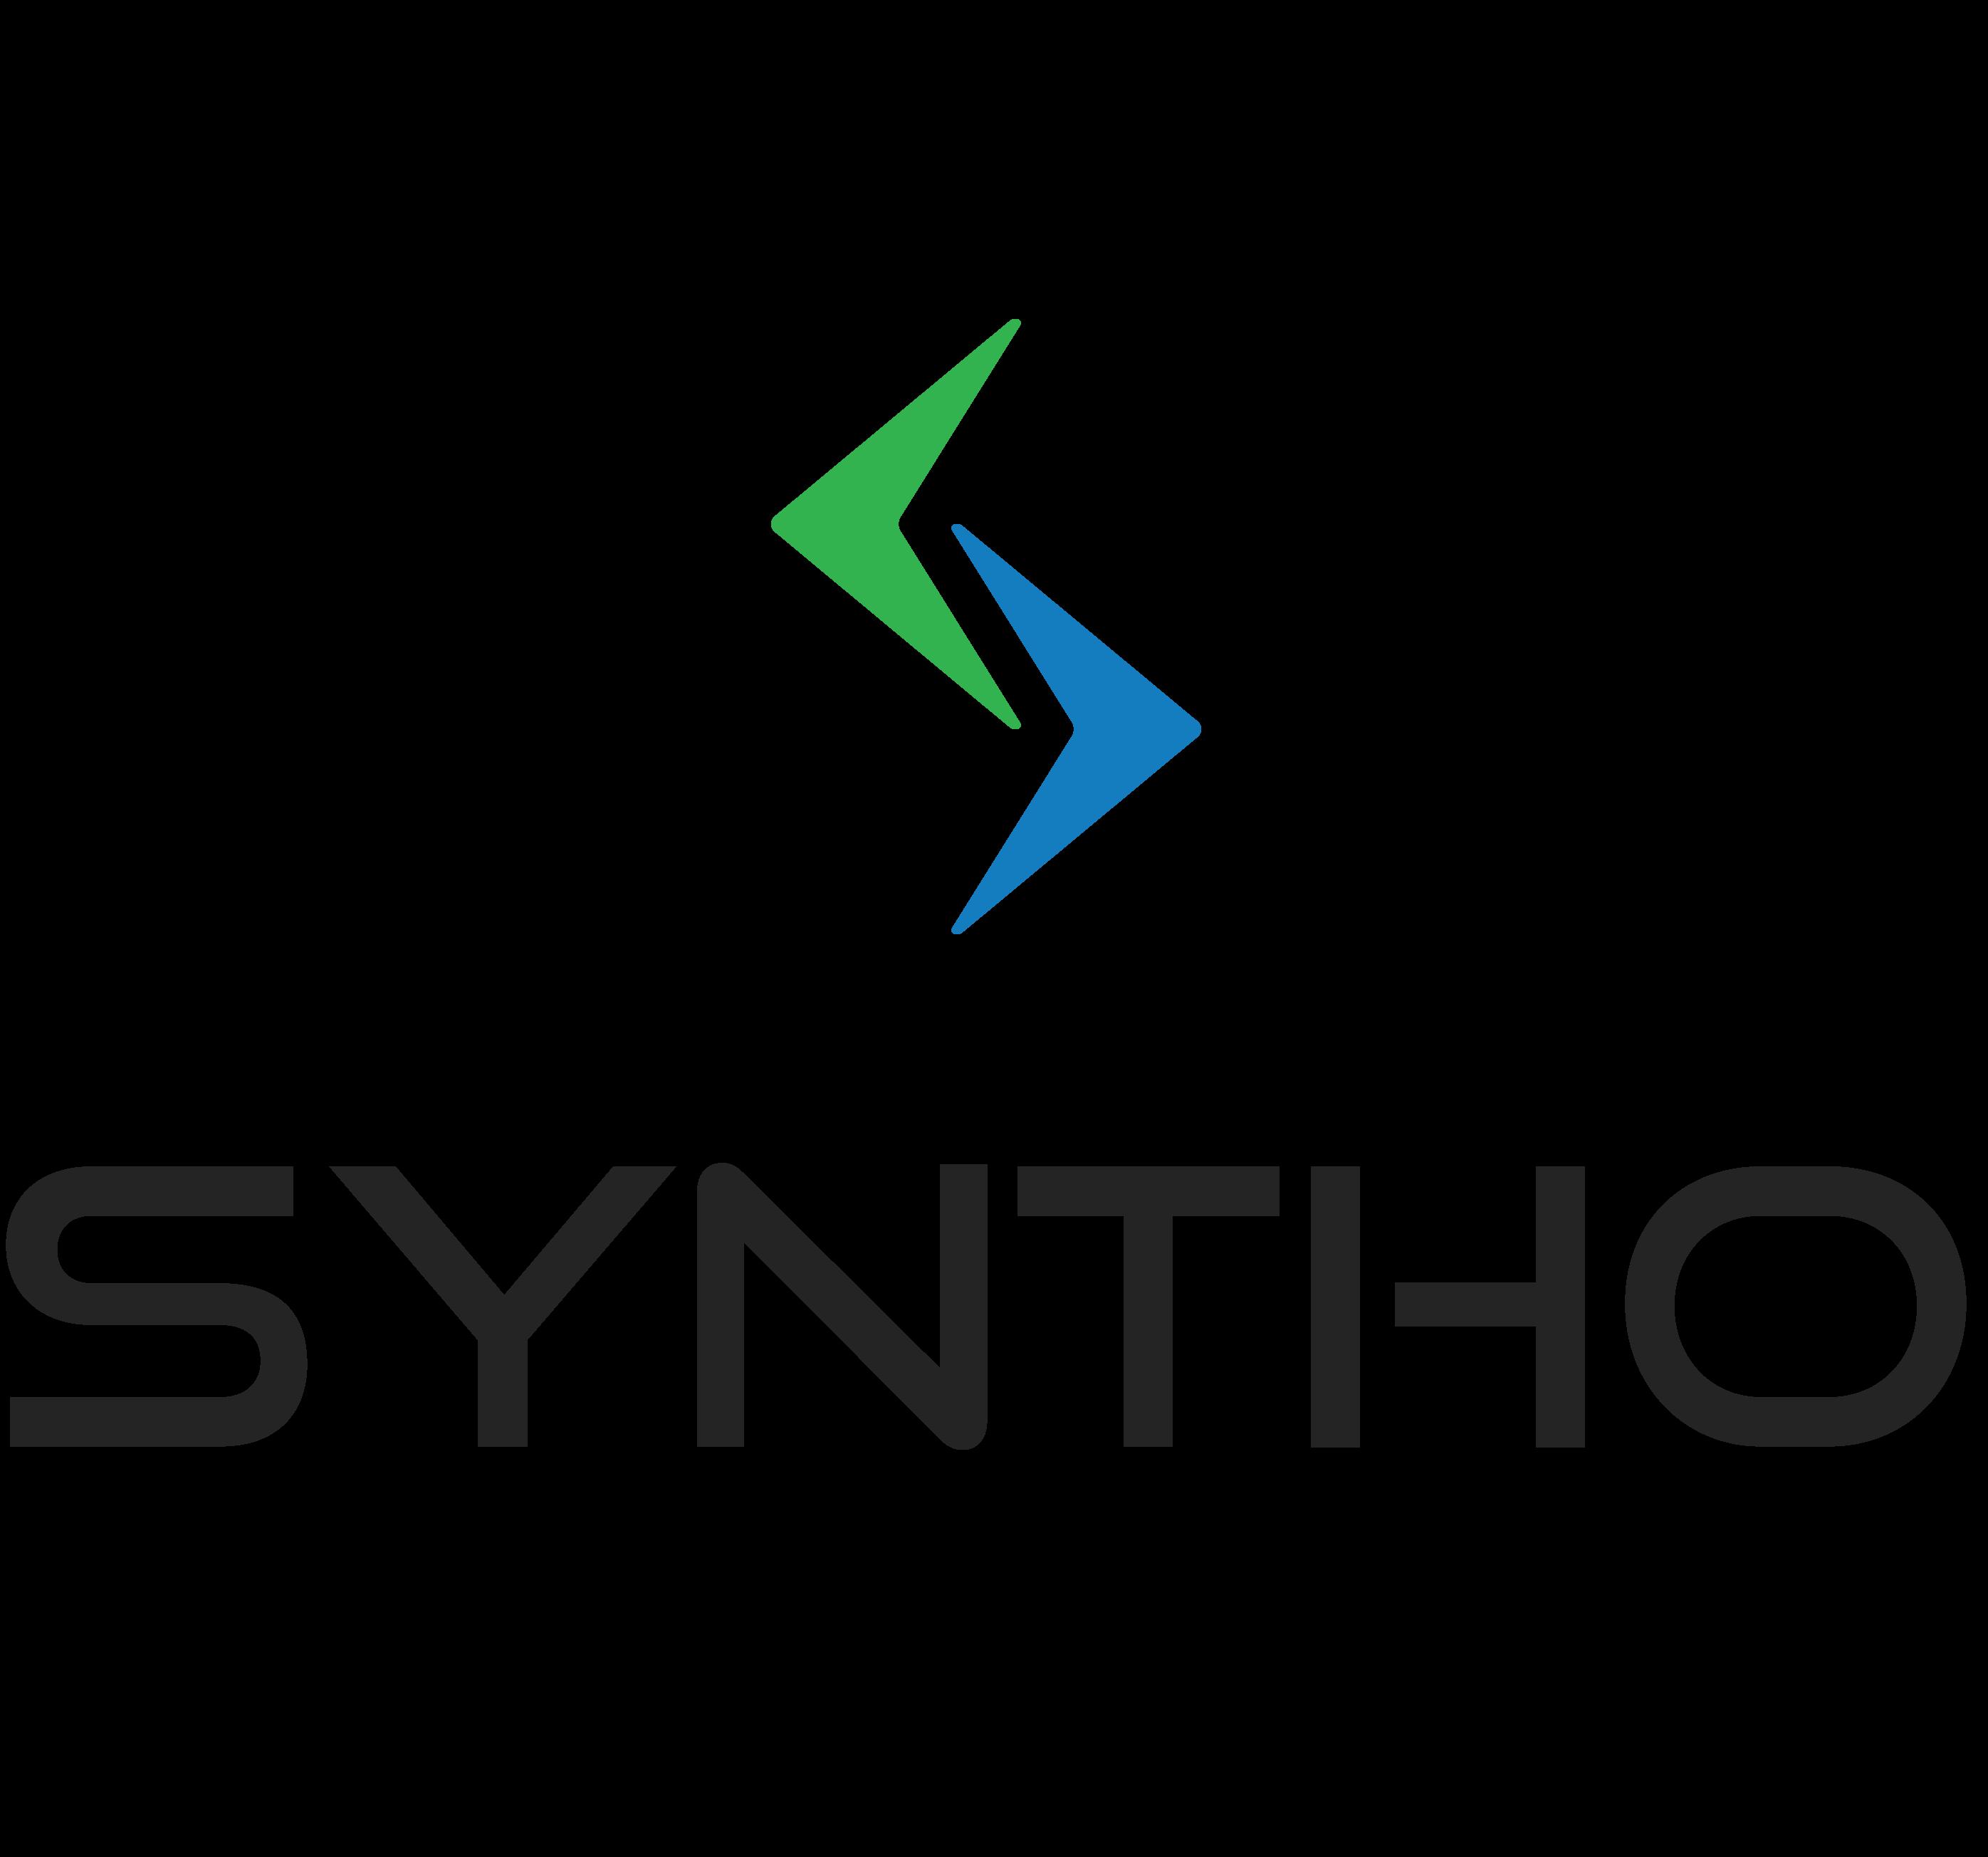 Syntho's logo